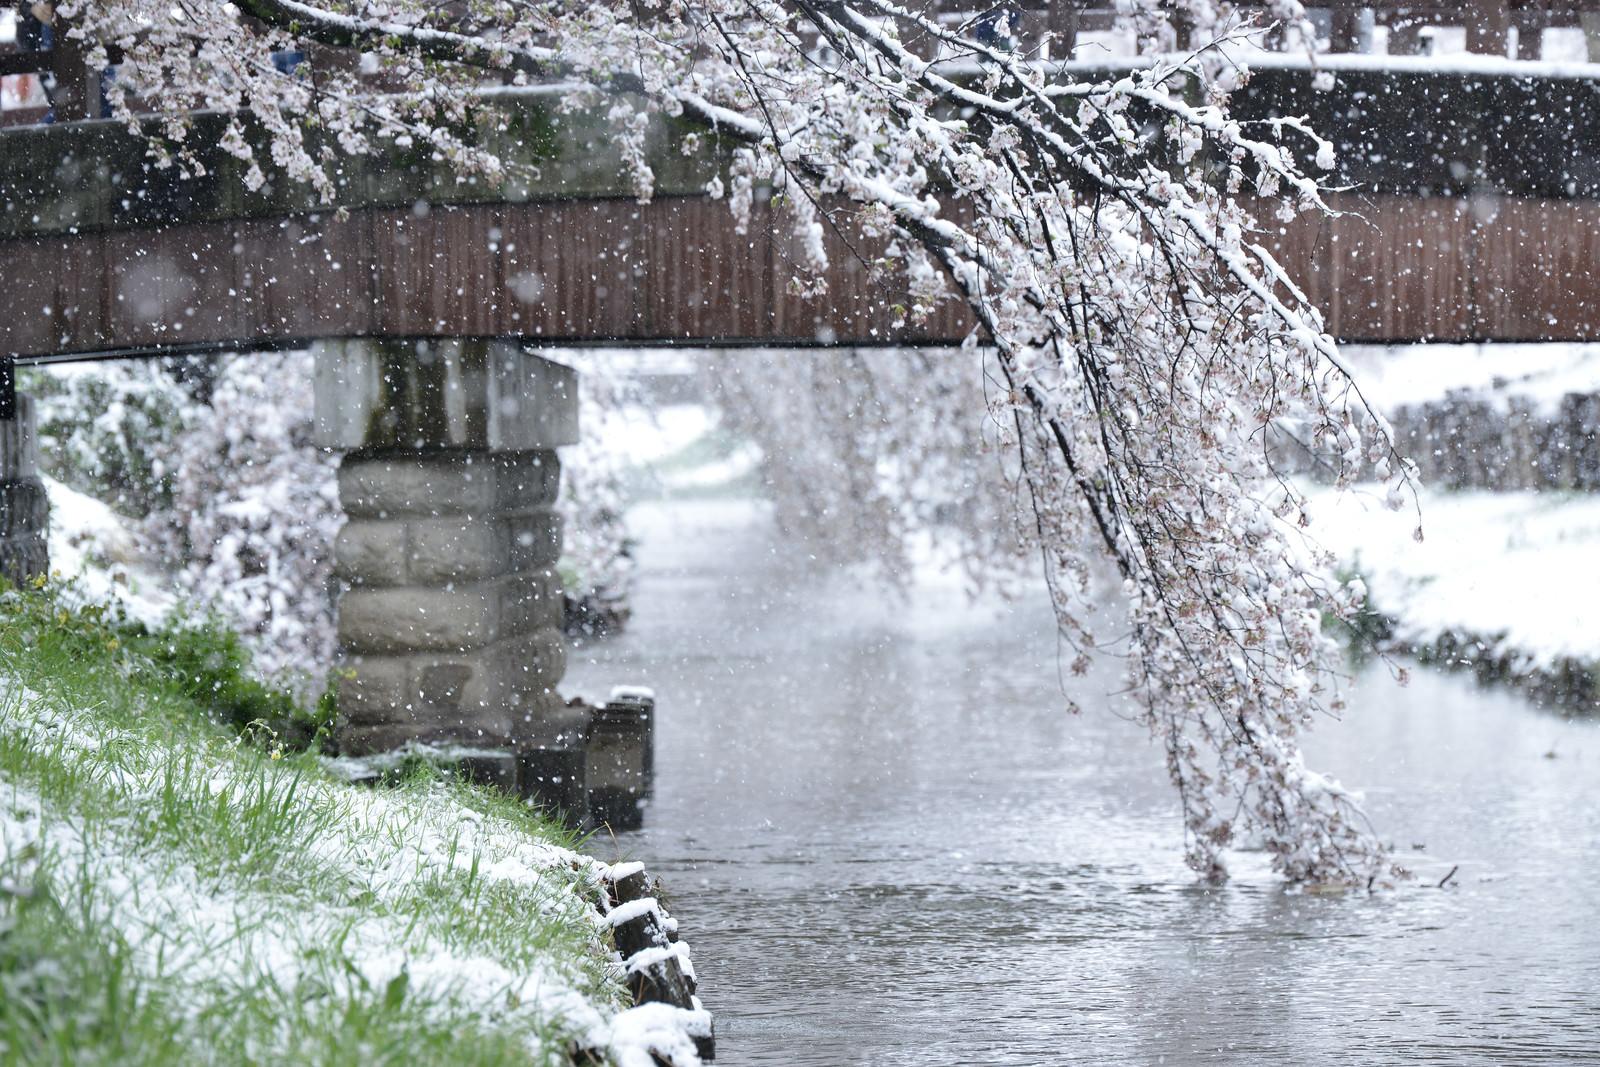 「桜と雪が舞い散る河川の様子」の写真